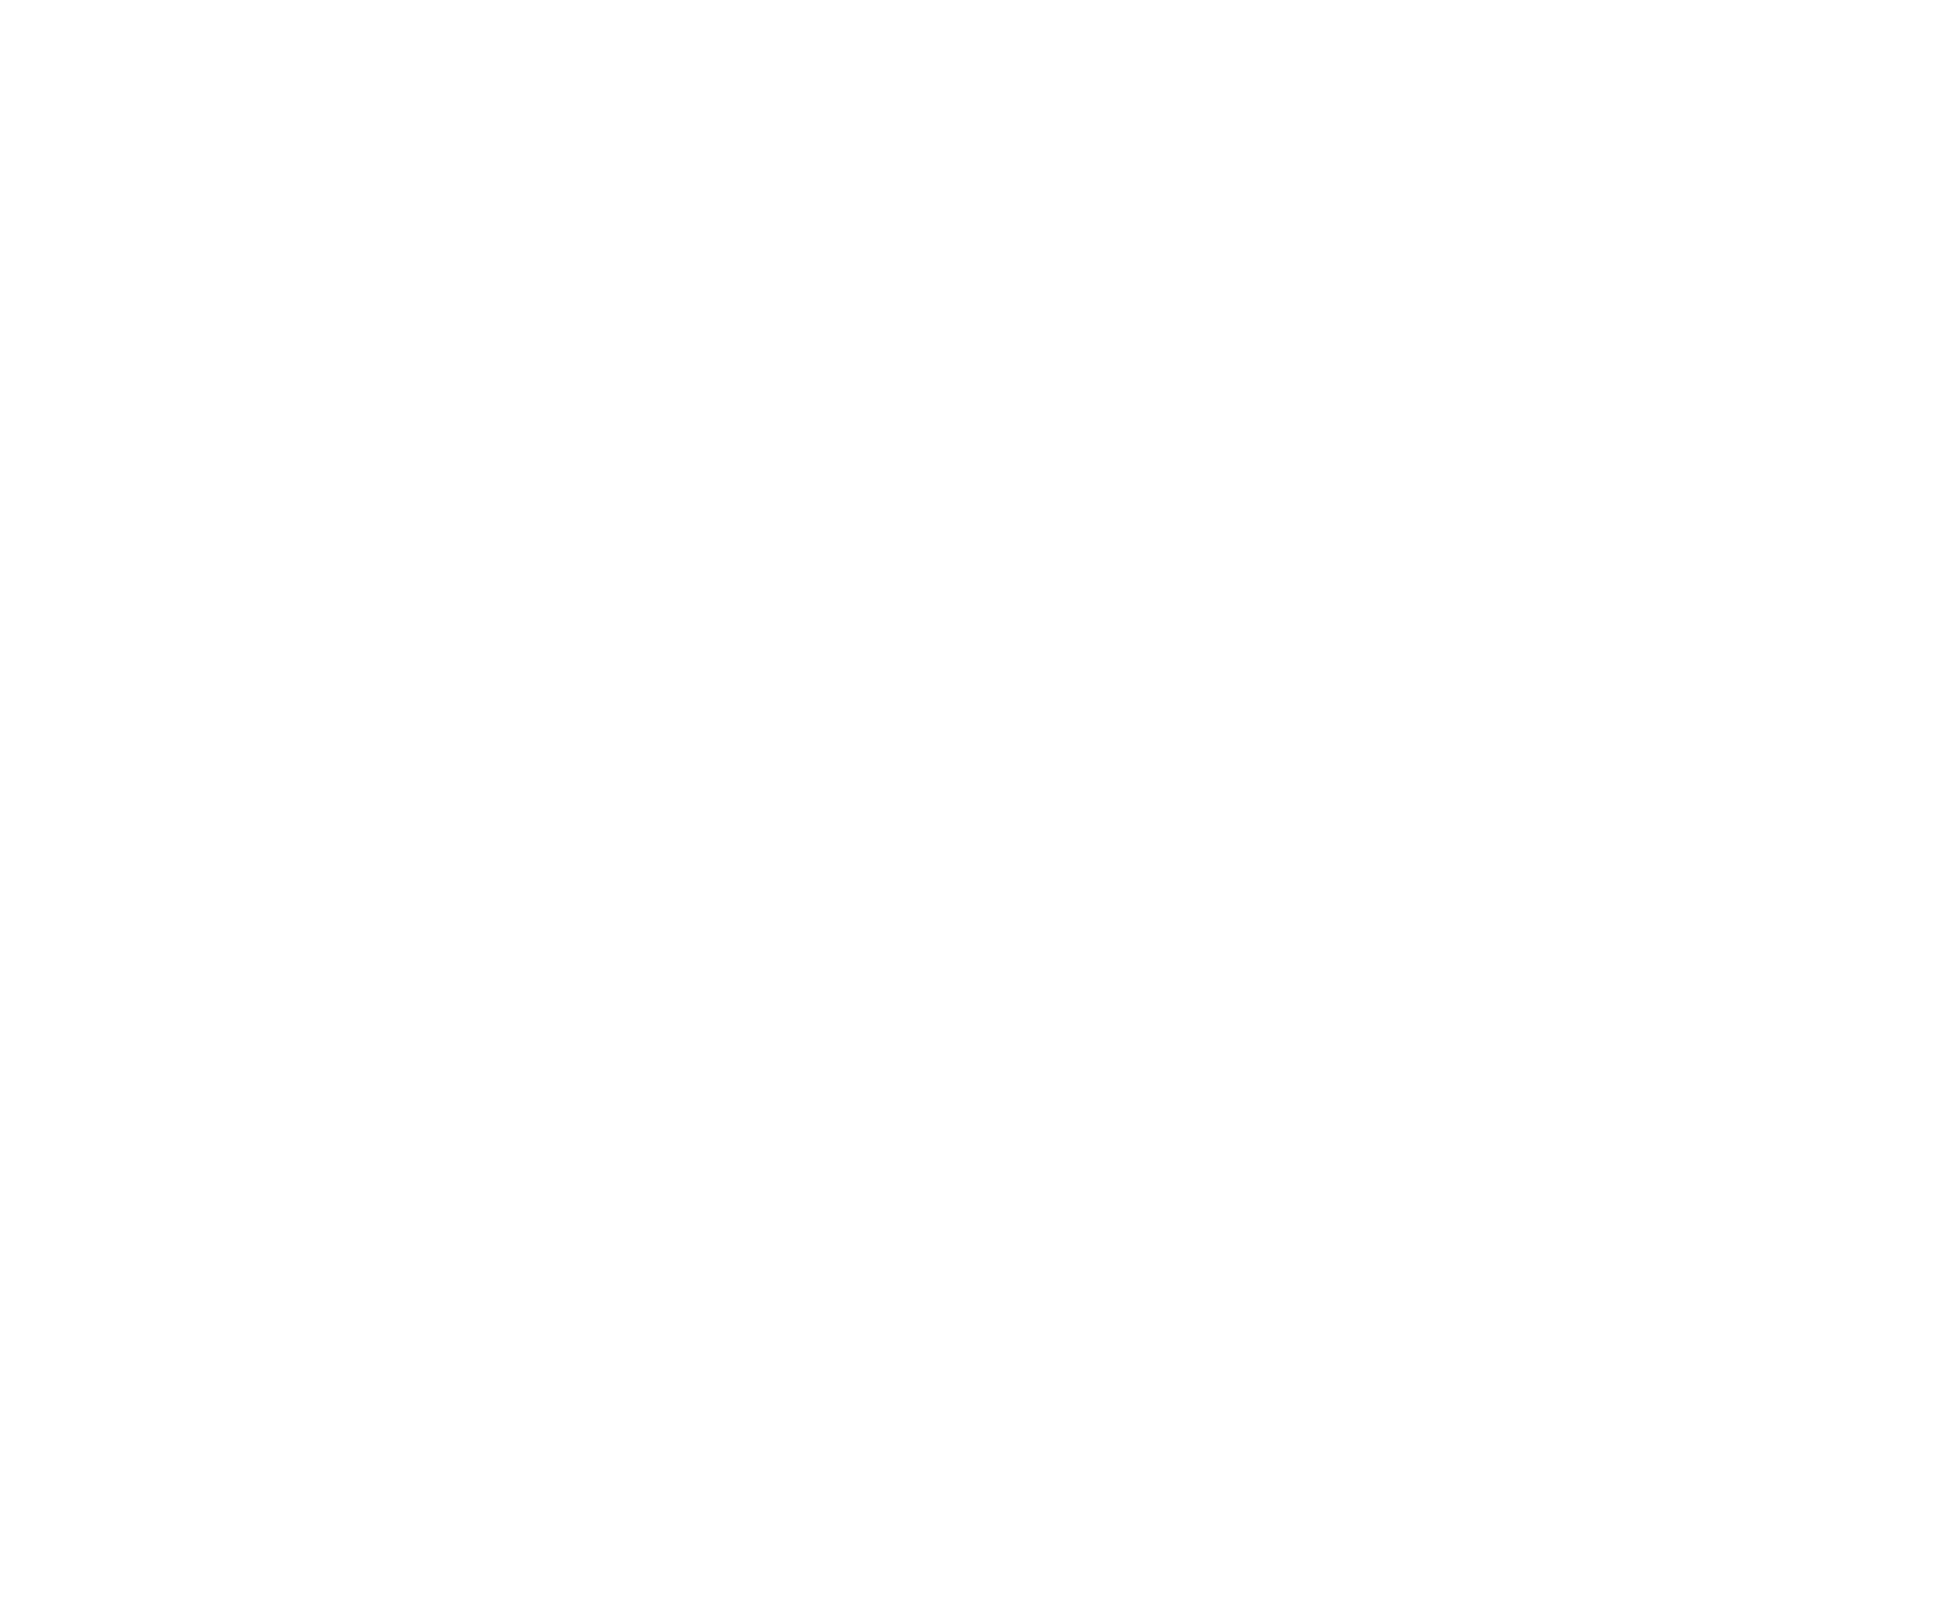 Logo til Novium Eiendom AS i hvit